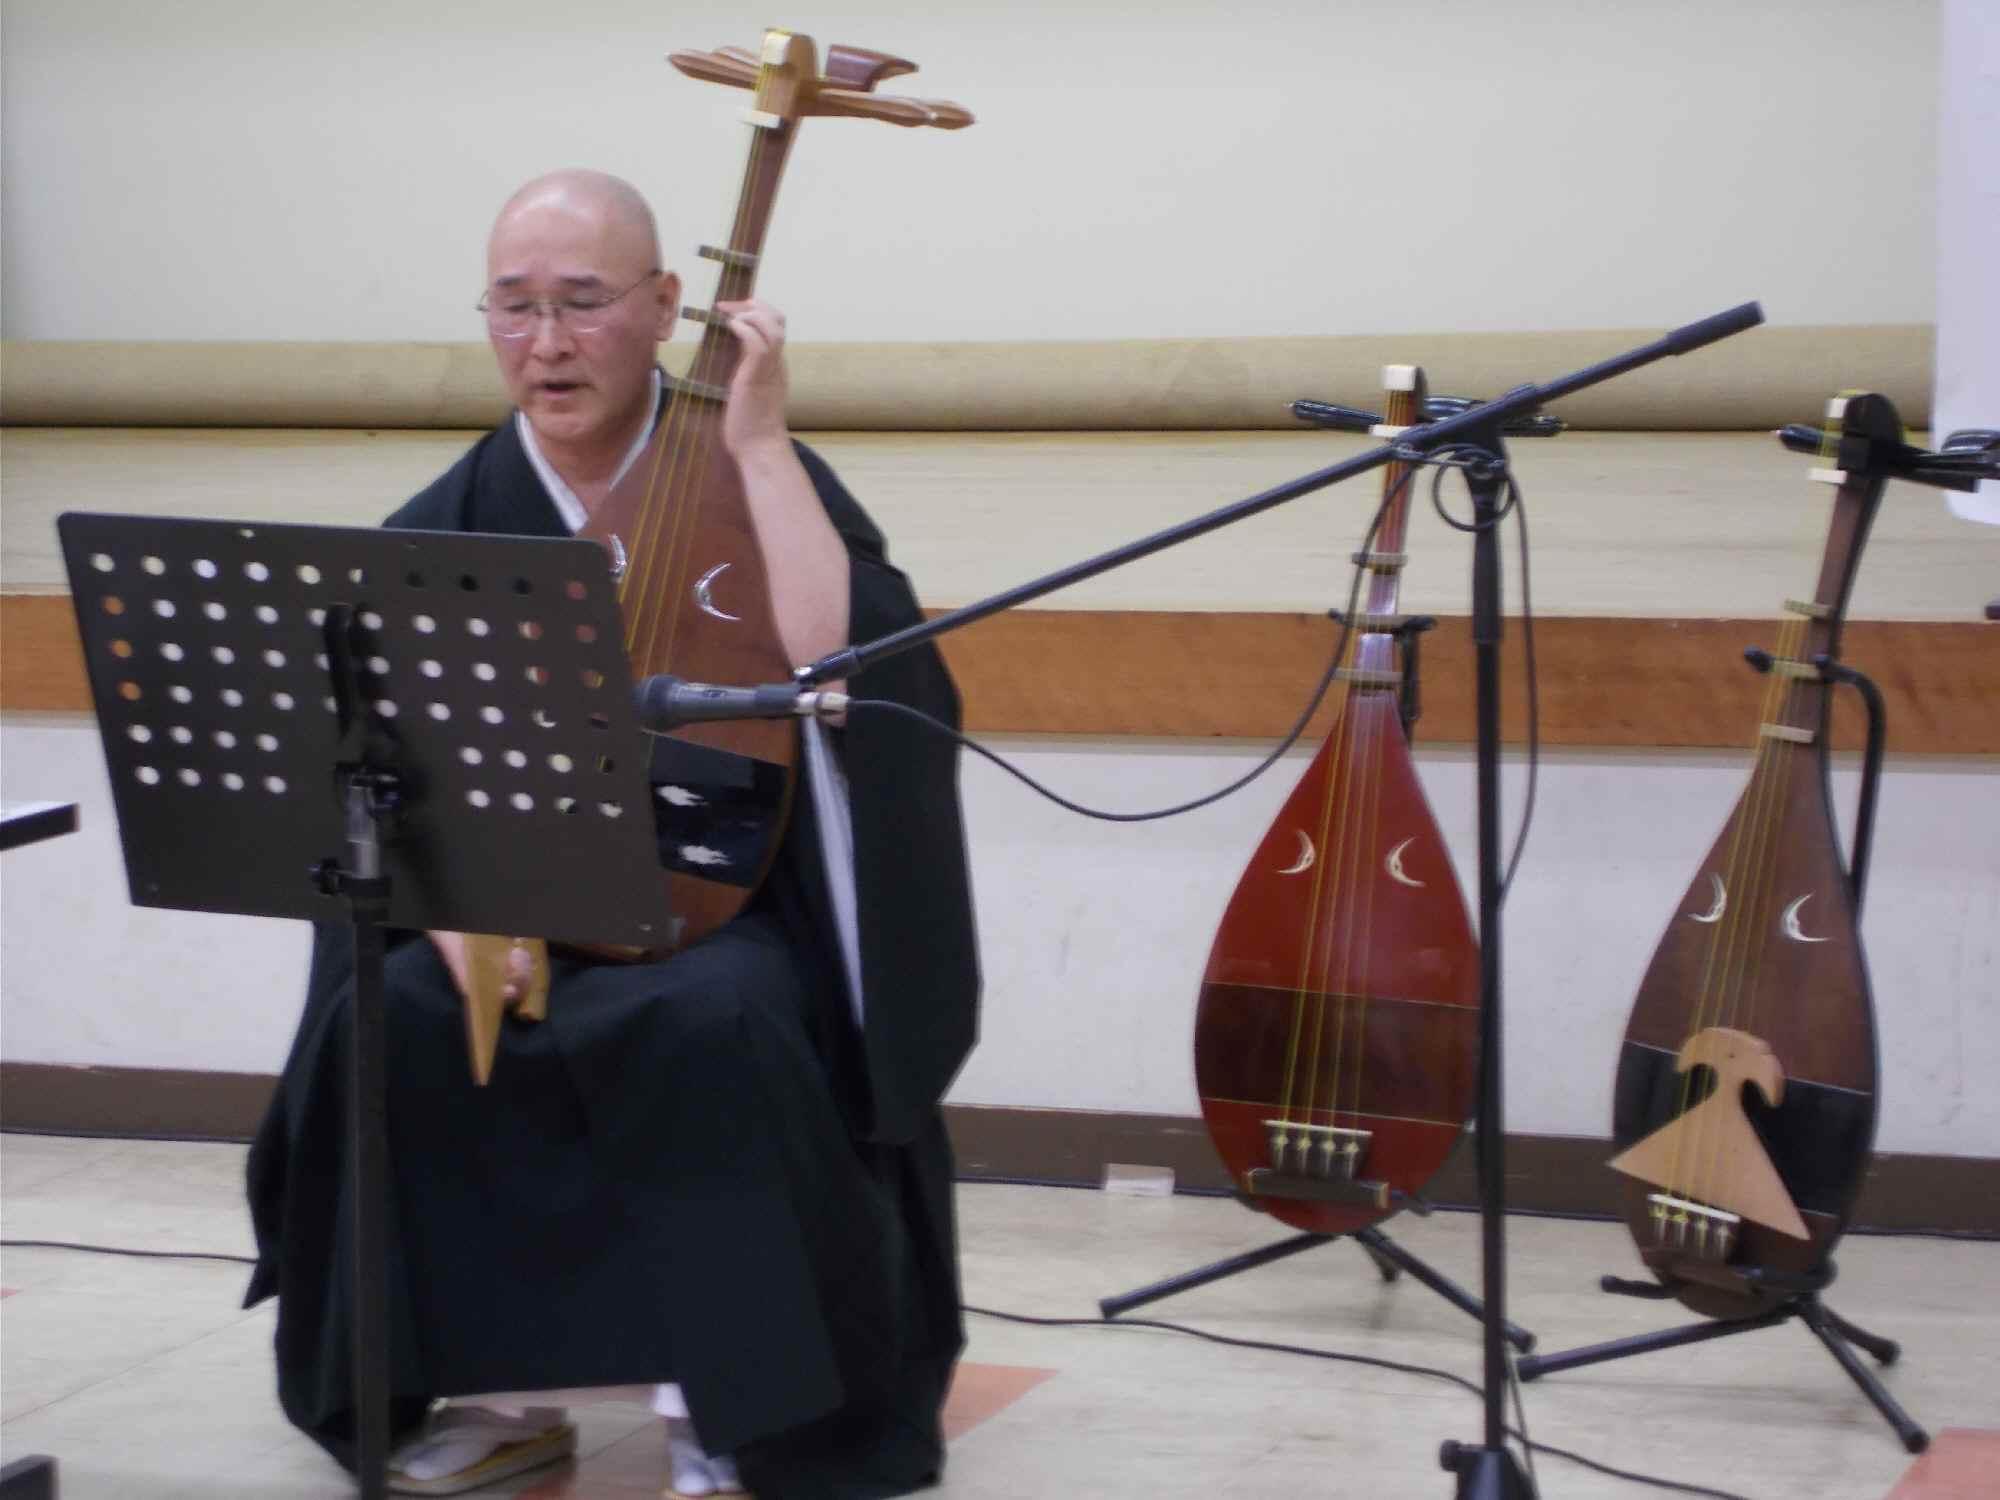 琵琶の演奏(琵琶は3棹持参されていた)